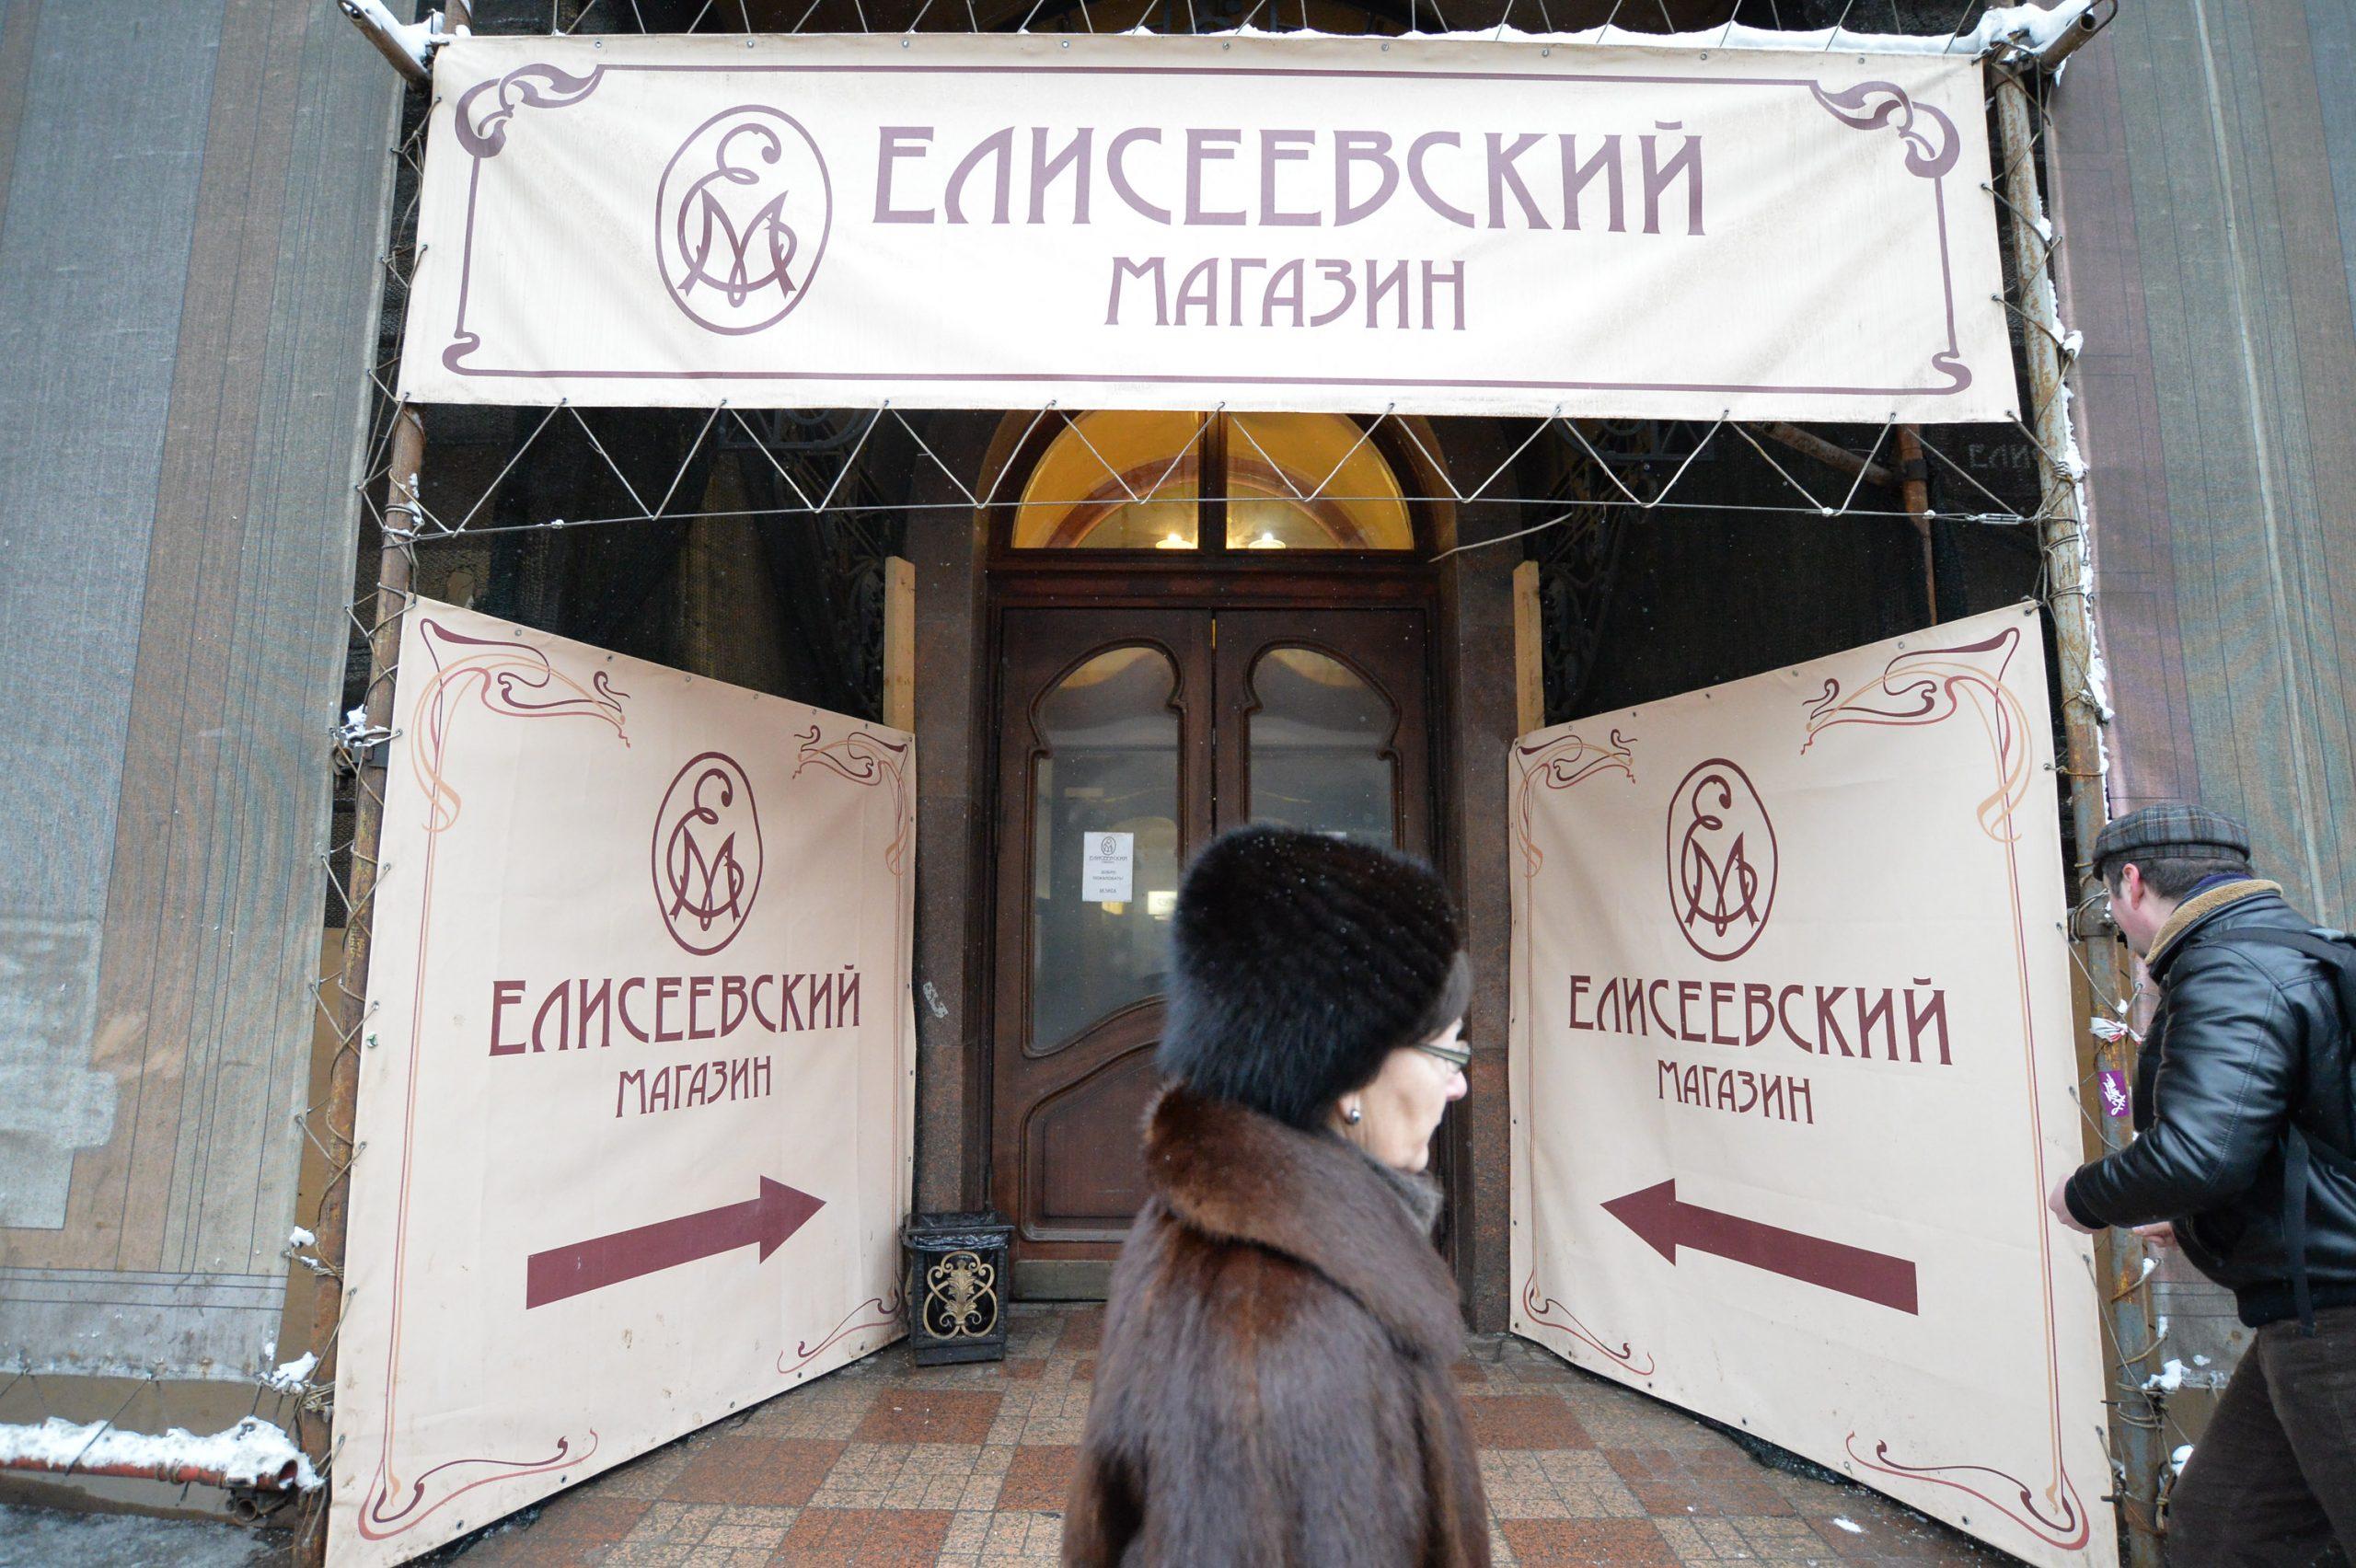 Правительство Москвы намерено сохранить «Елисеевский»